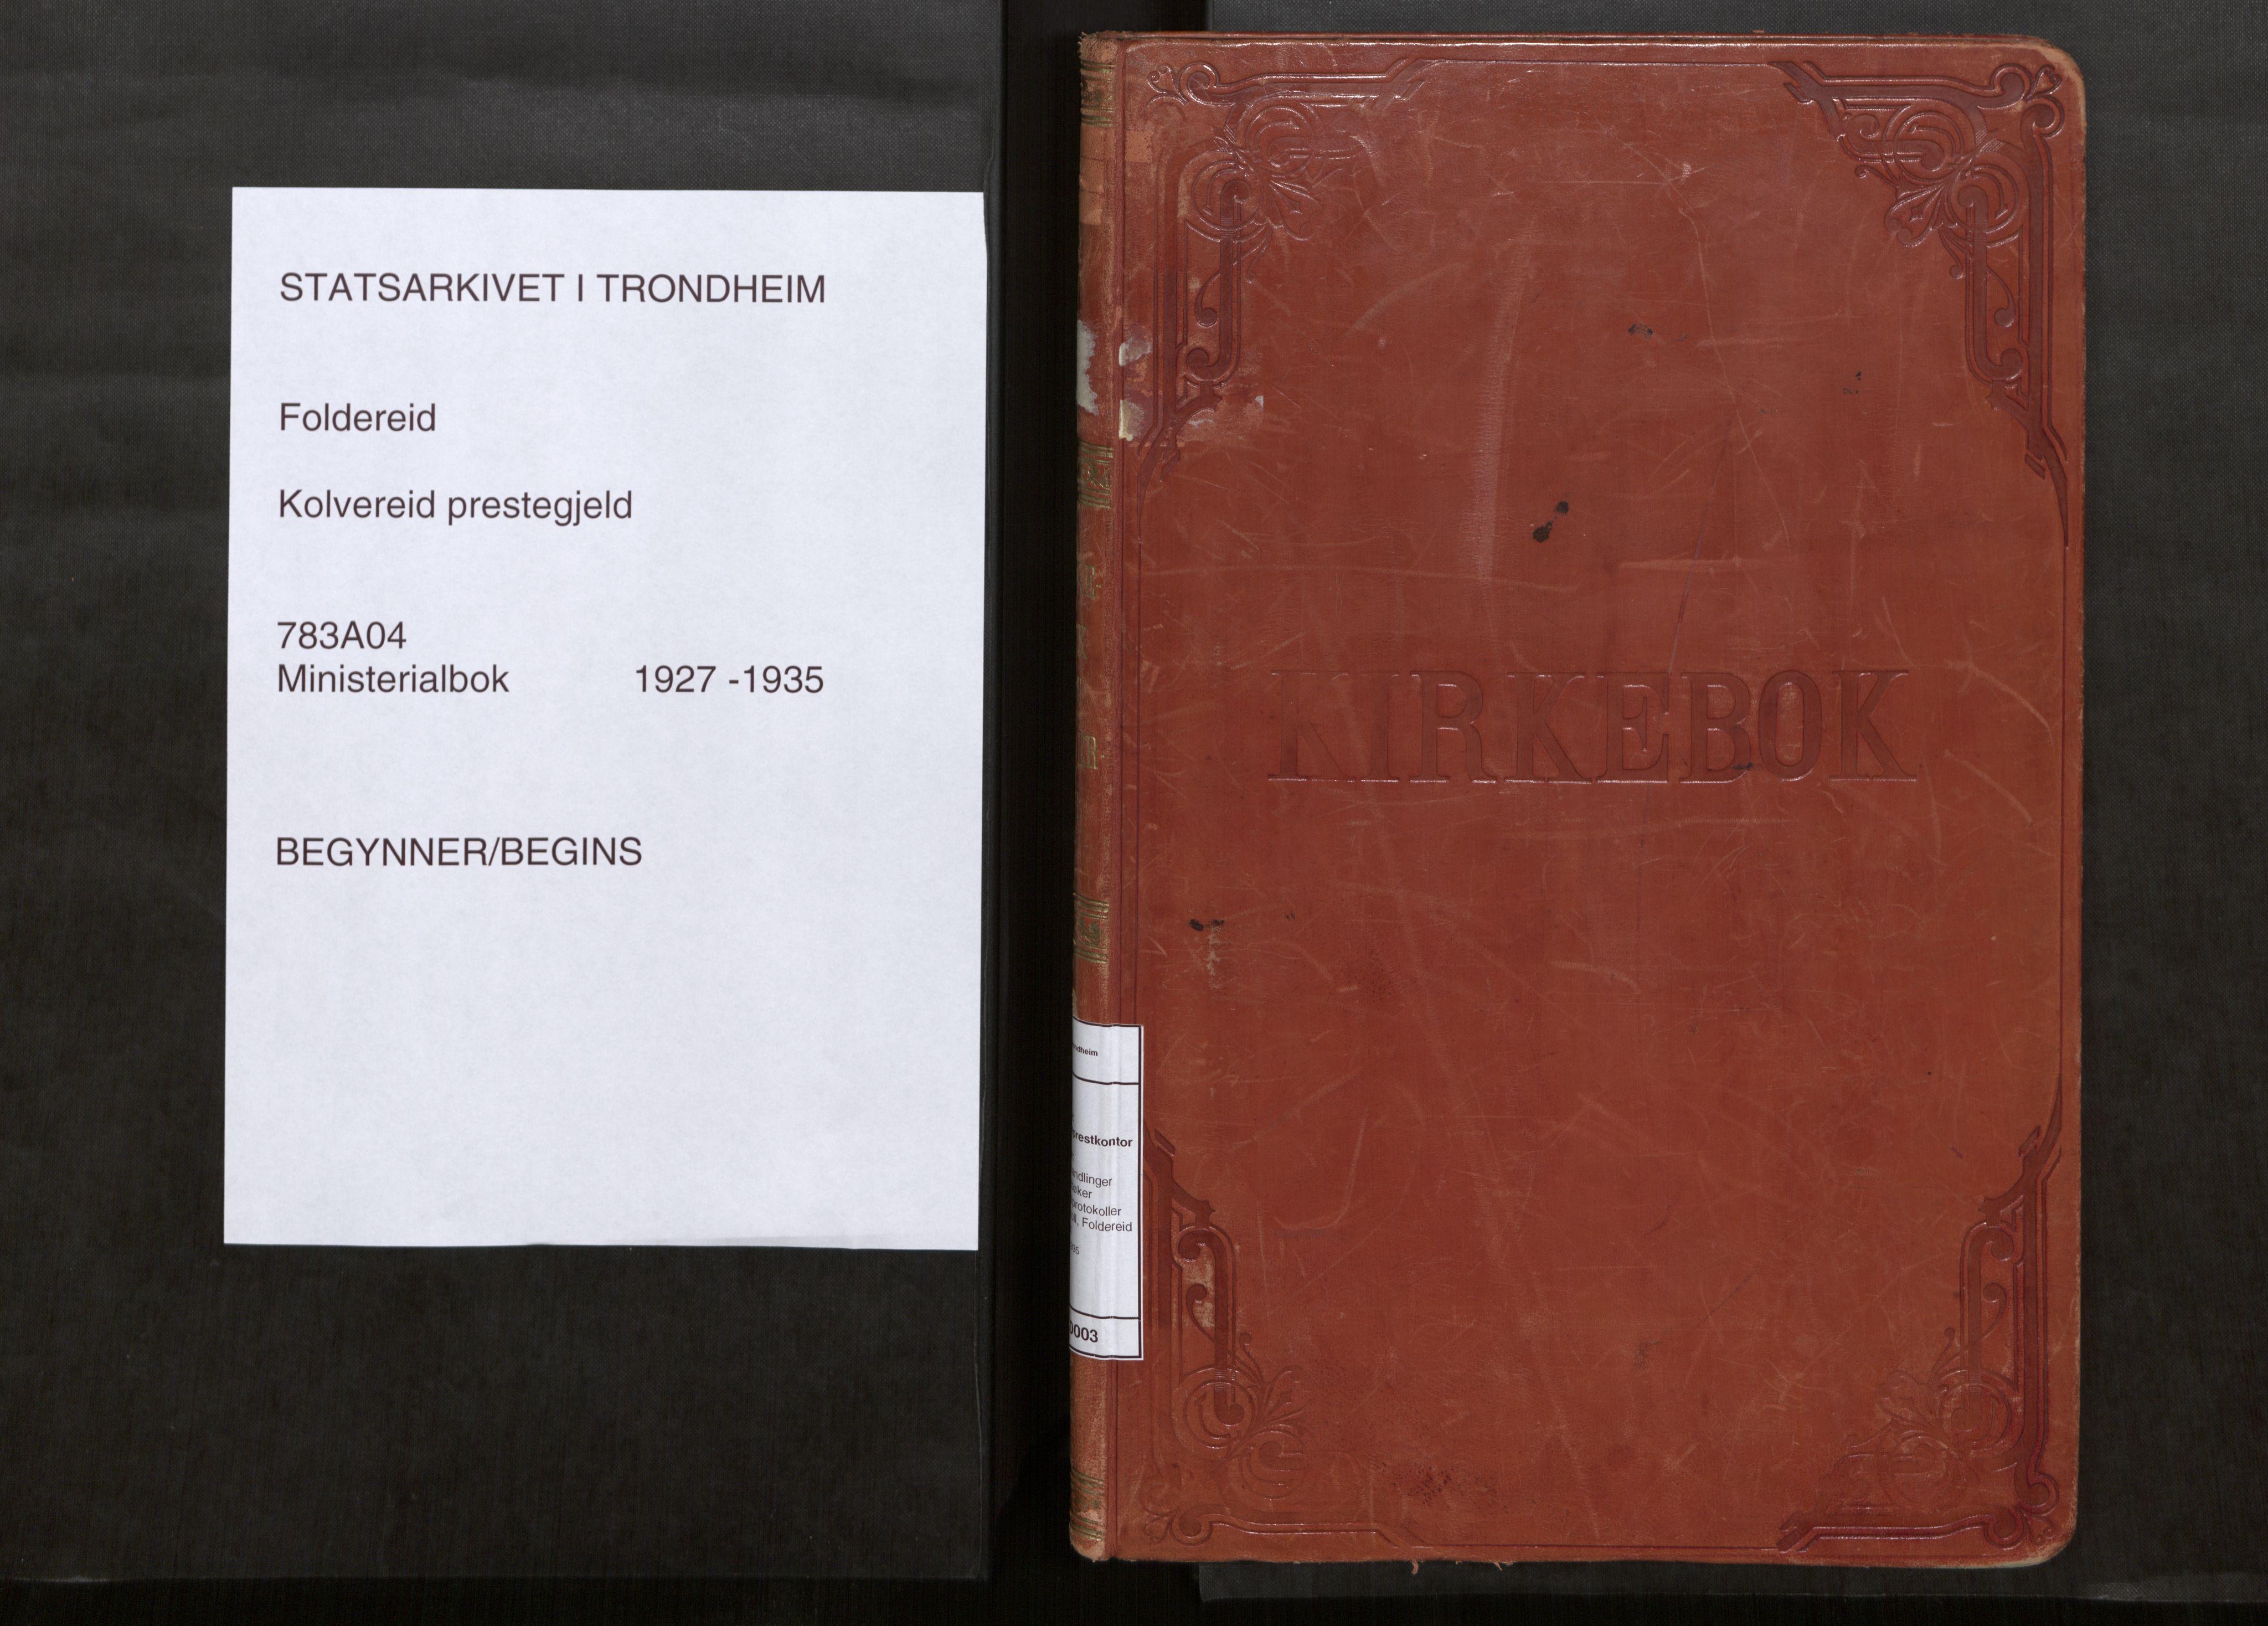 SAT, Kolvereid sokneprestkontor, H/Ha/Haa/L0003: Parish register (official) no. 3, 1927-1935